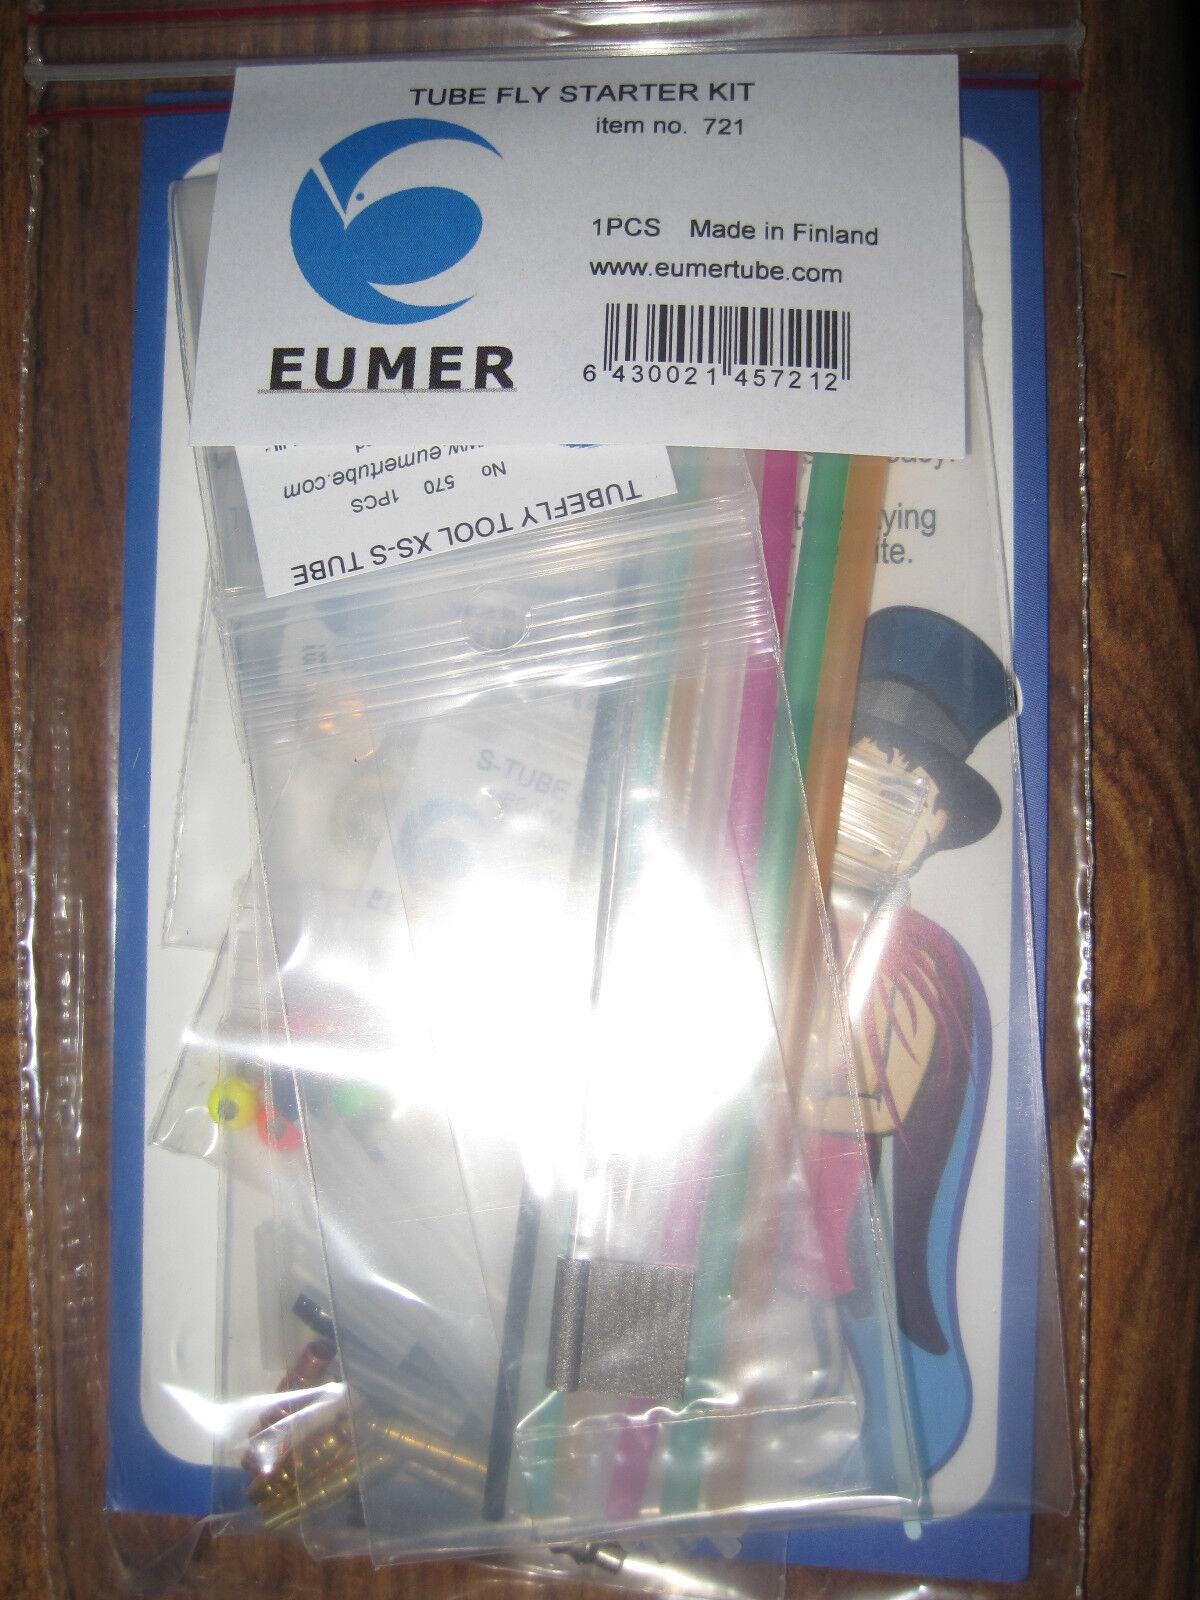 NUOVO eumer della Finleia Scei ottone e plastica Tubo Salmone Fly estrellater Kit N. 721